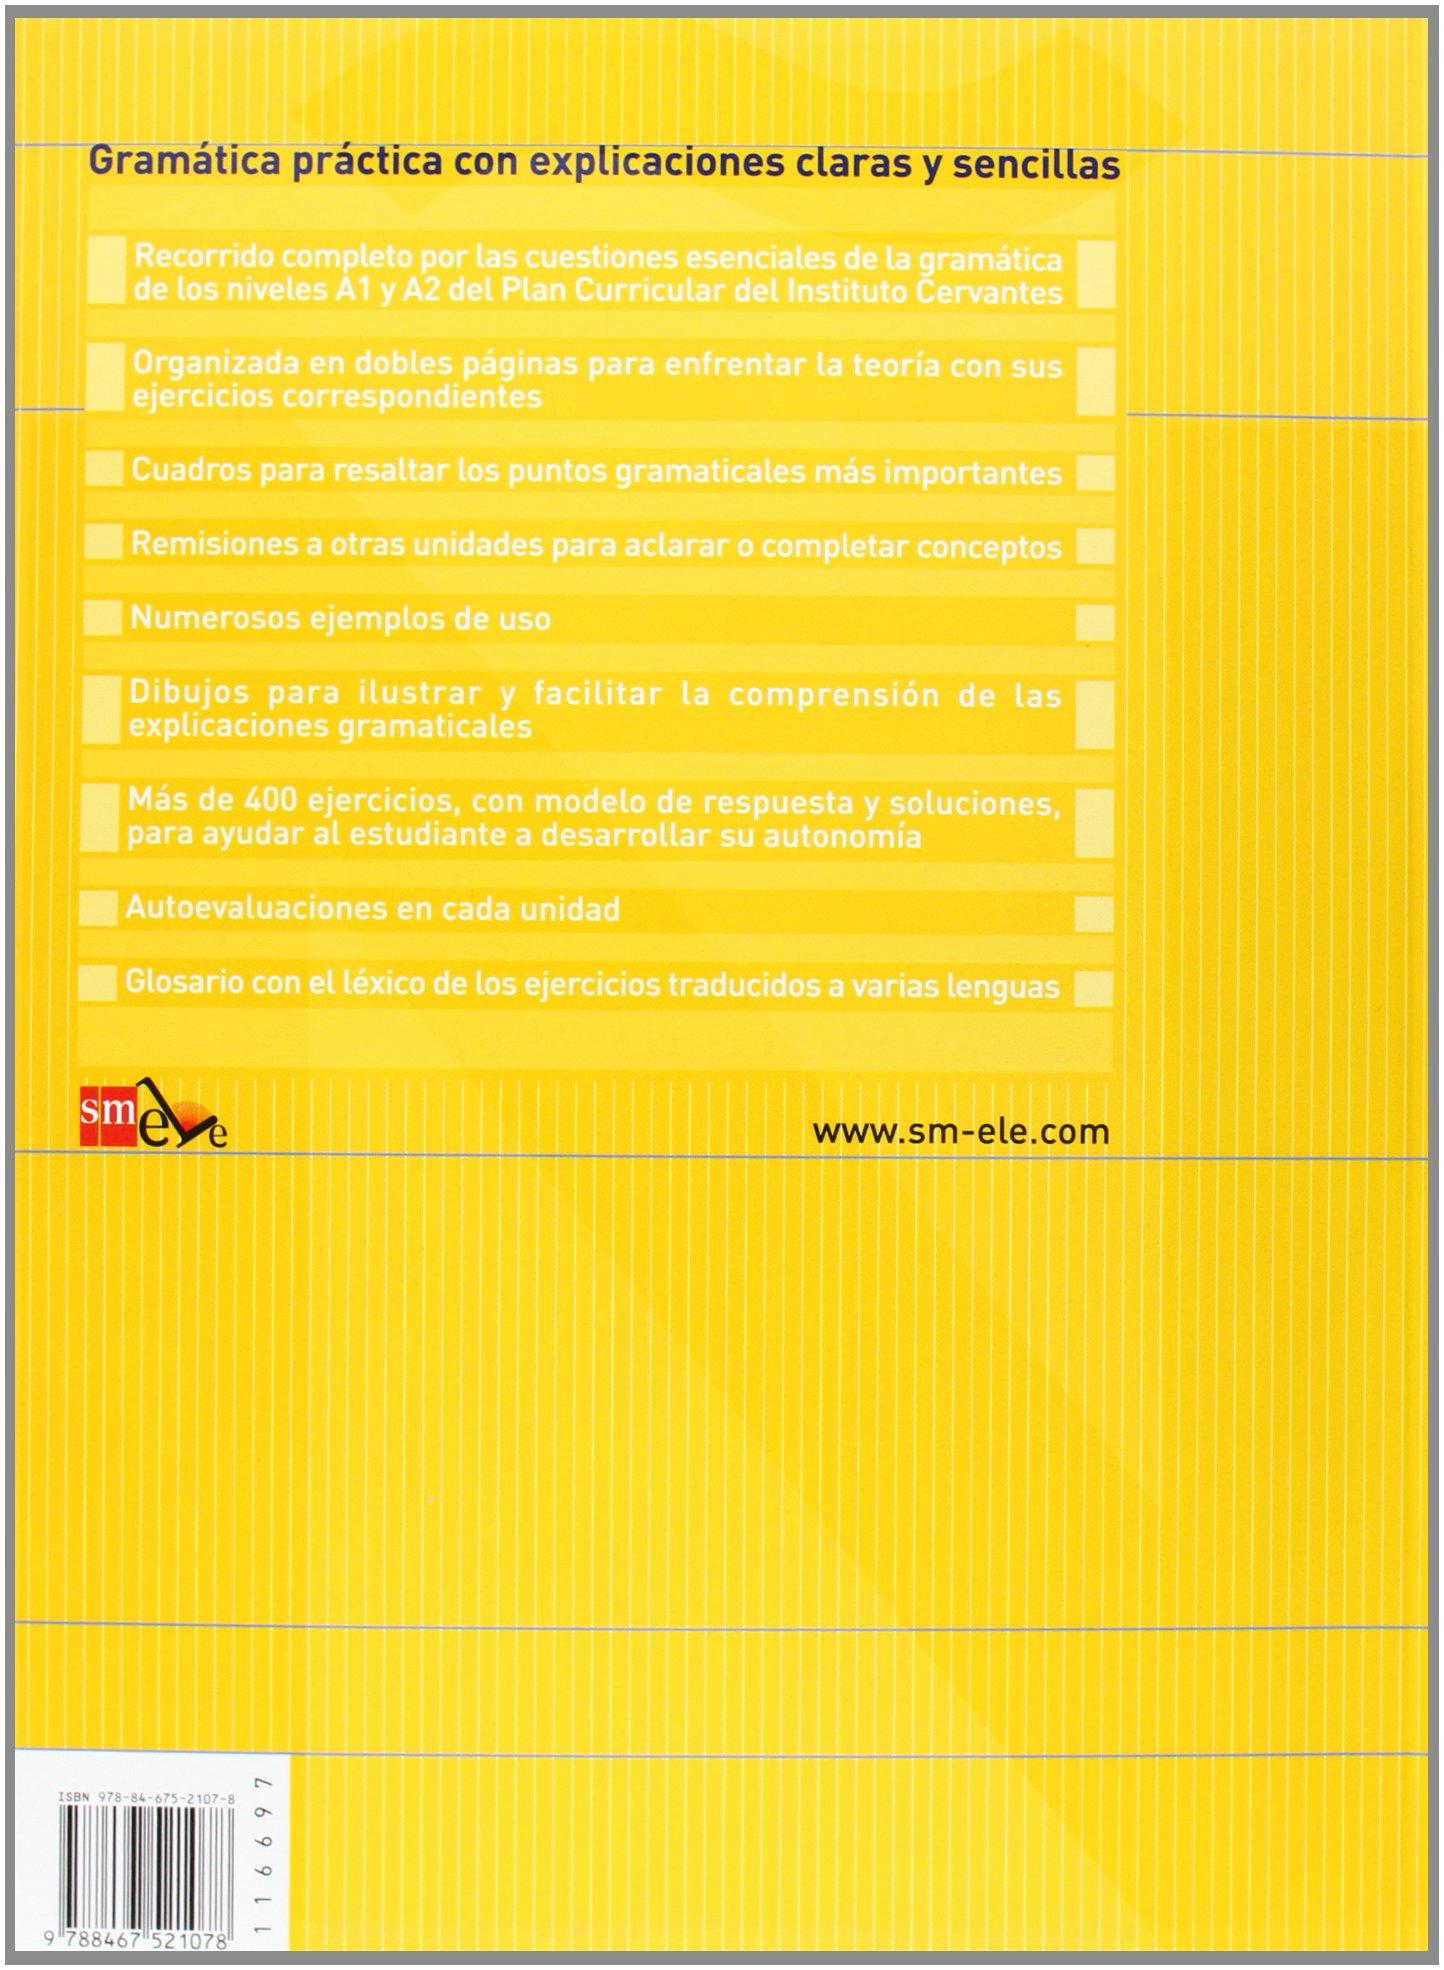 Book: gramatica de uso del espanol teoria y practica b1-b2.